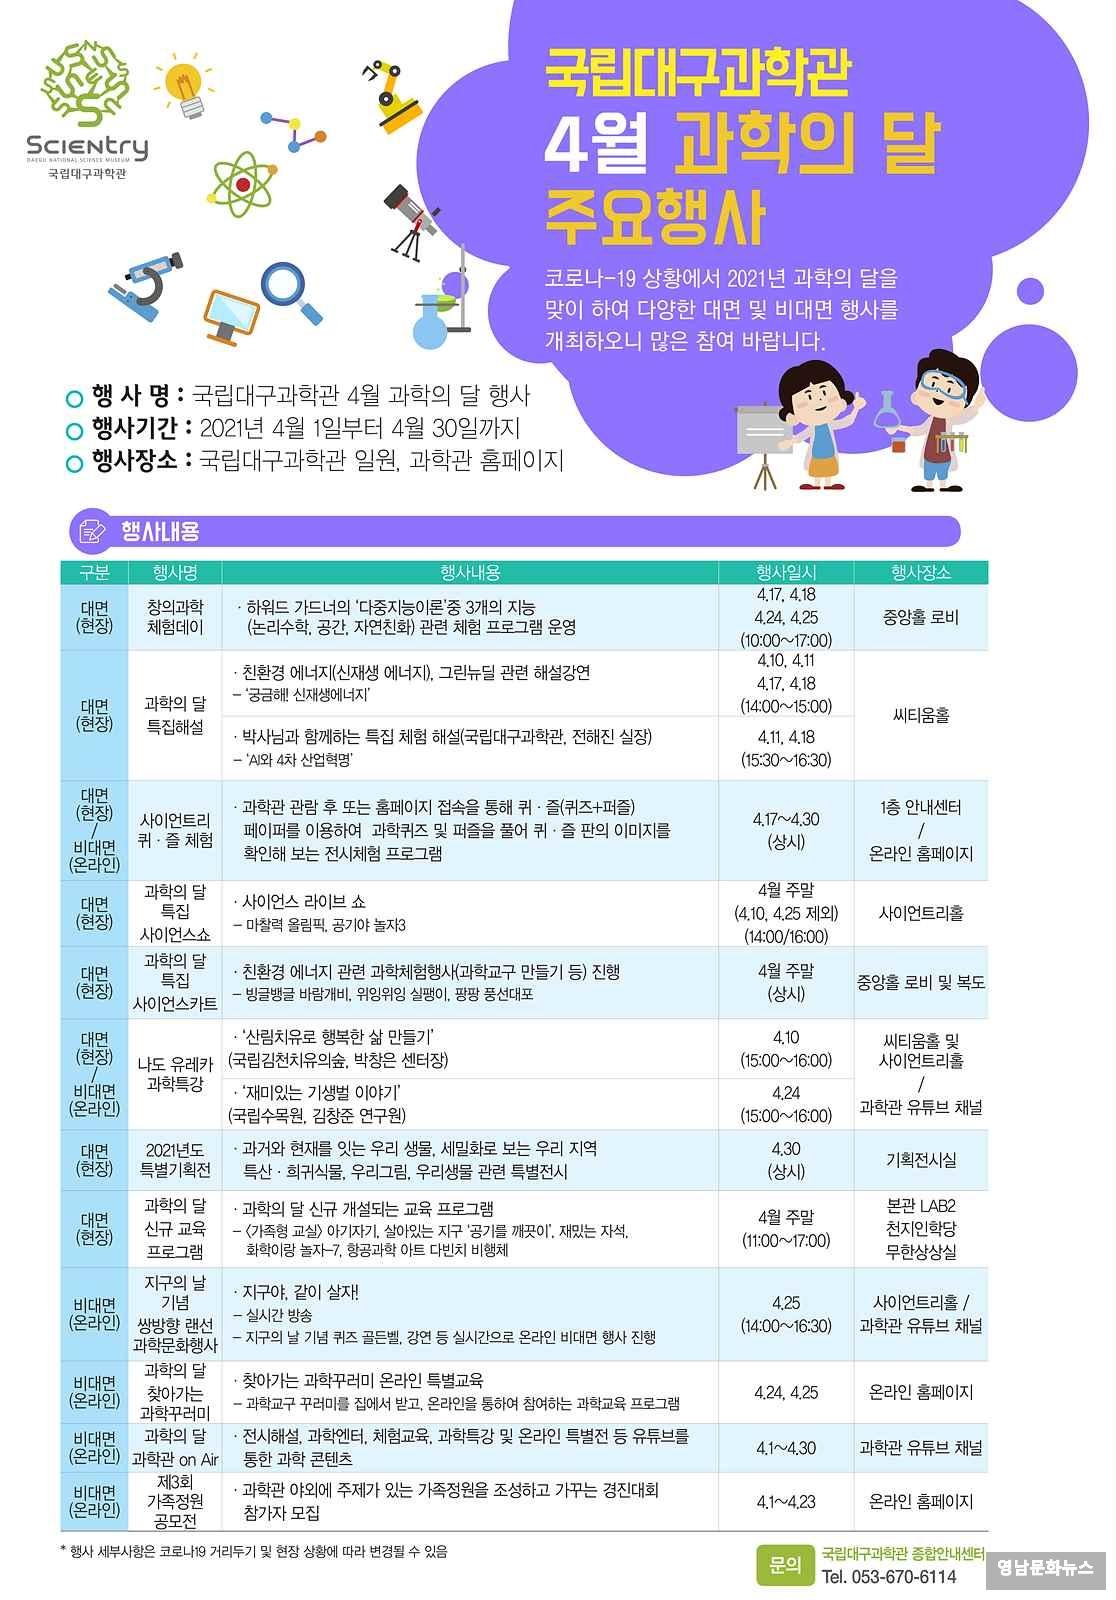 국립대구과학관 4월 과학의 달 행사 개최